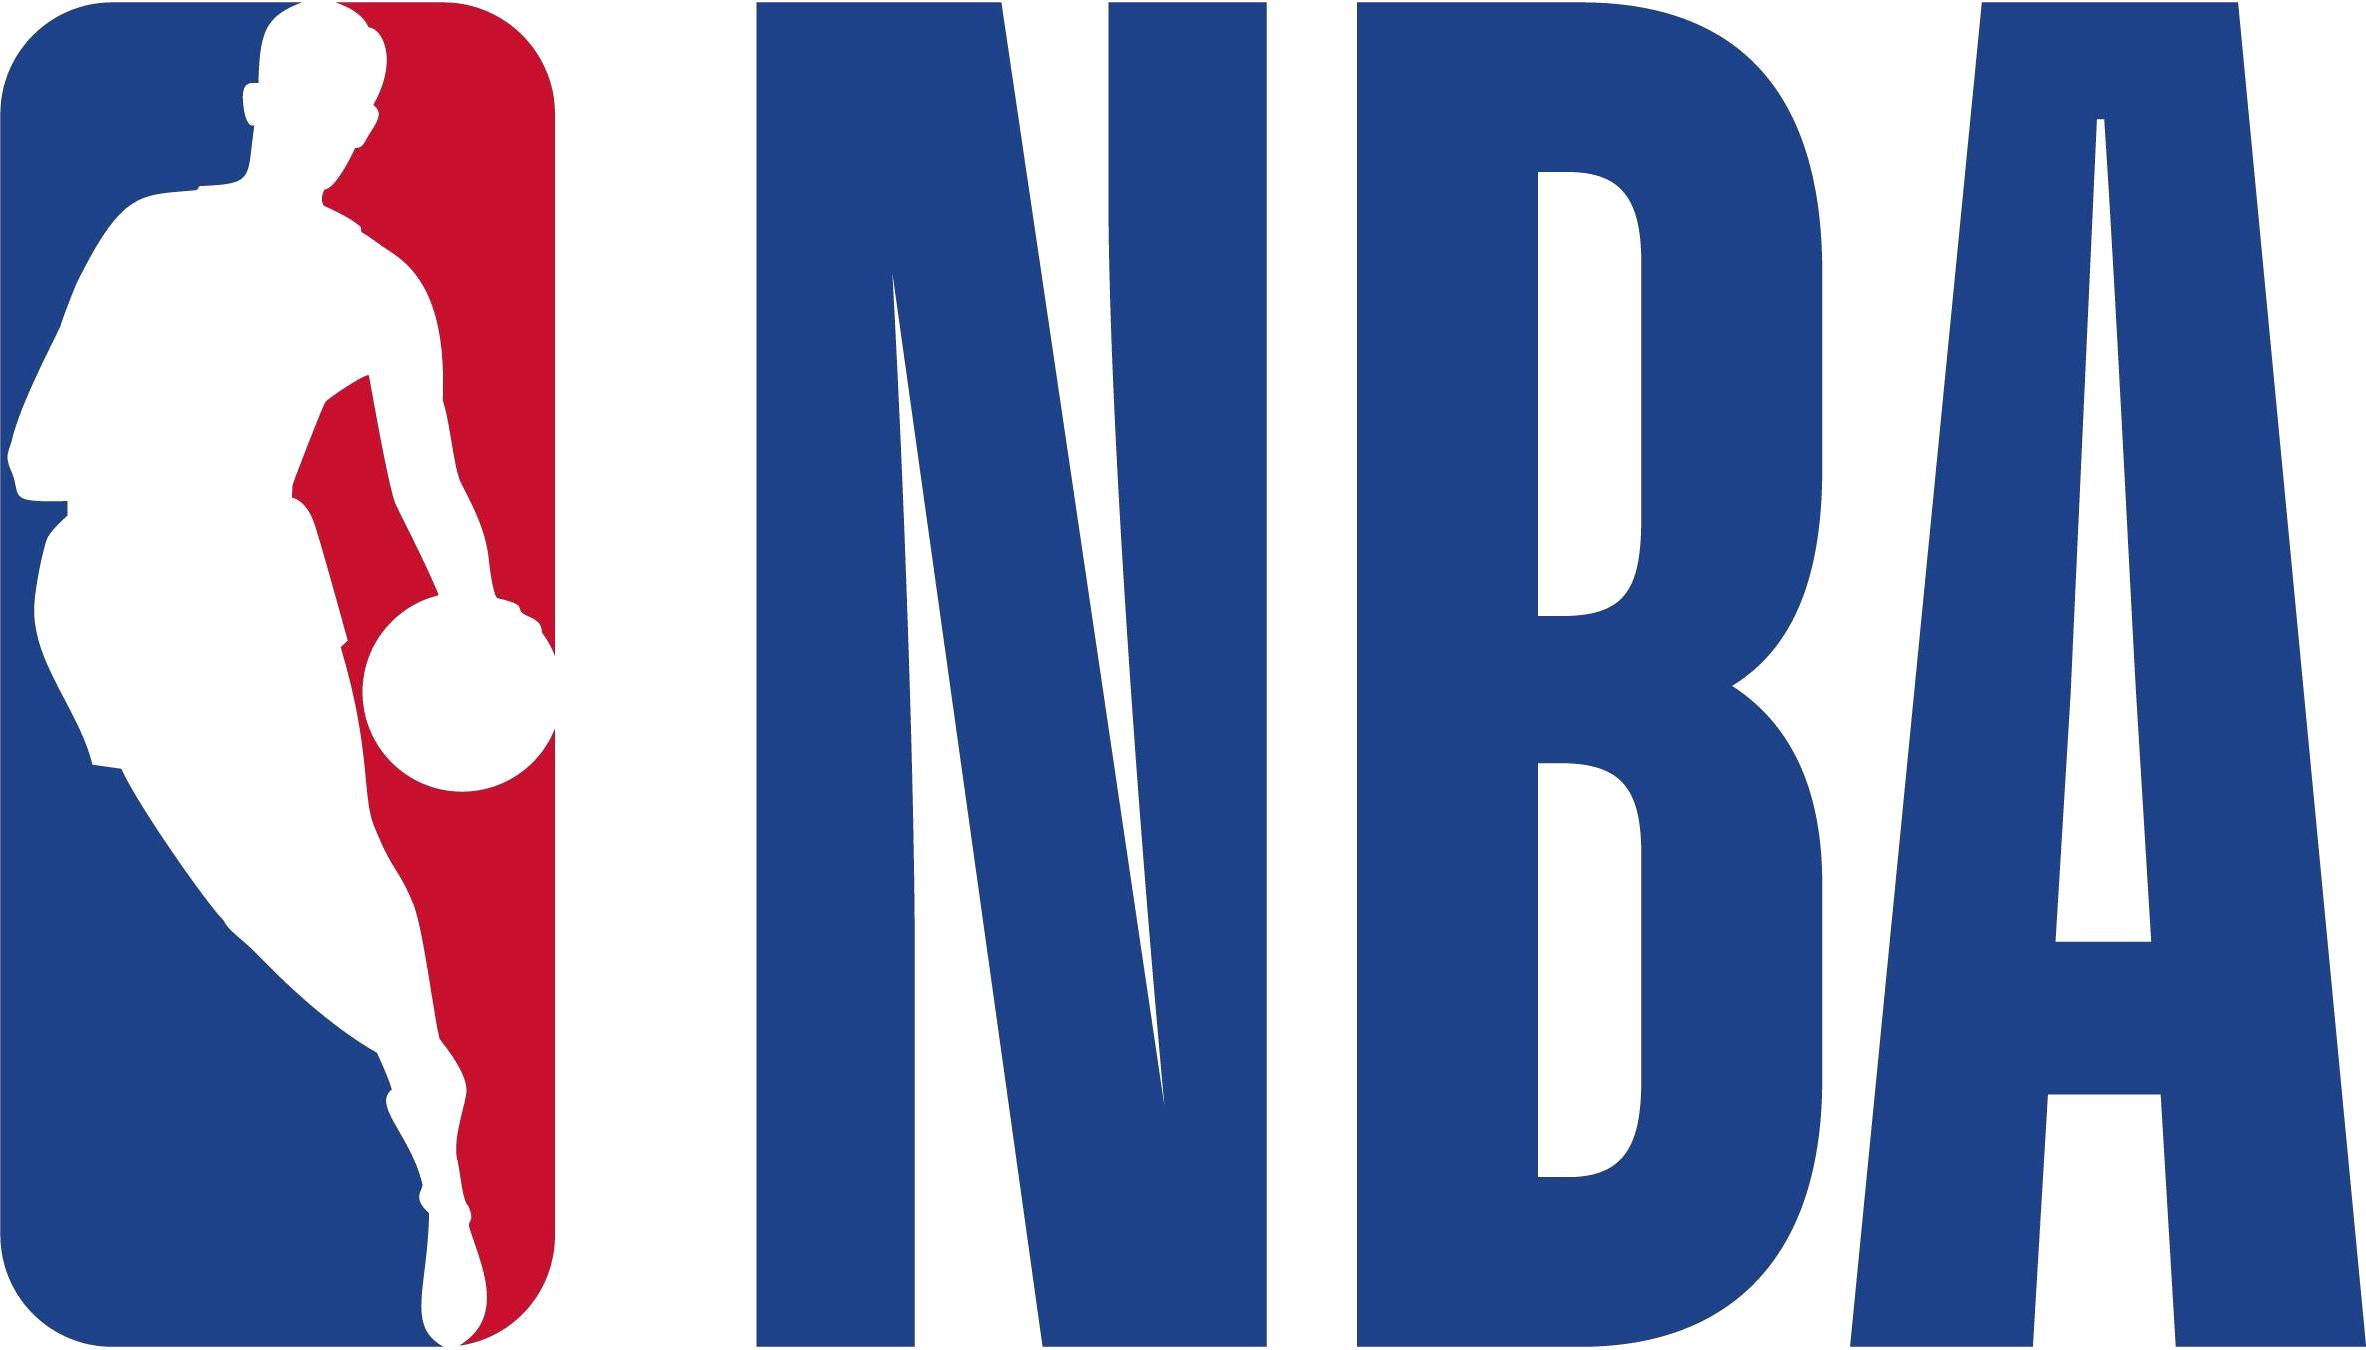 NBA logo PNG images free download.